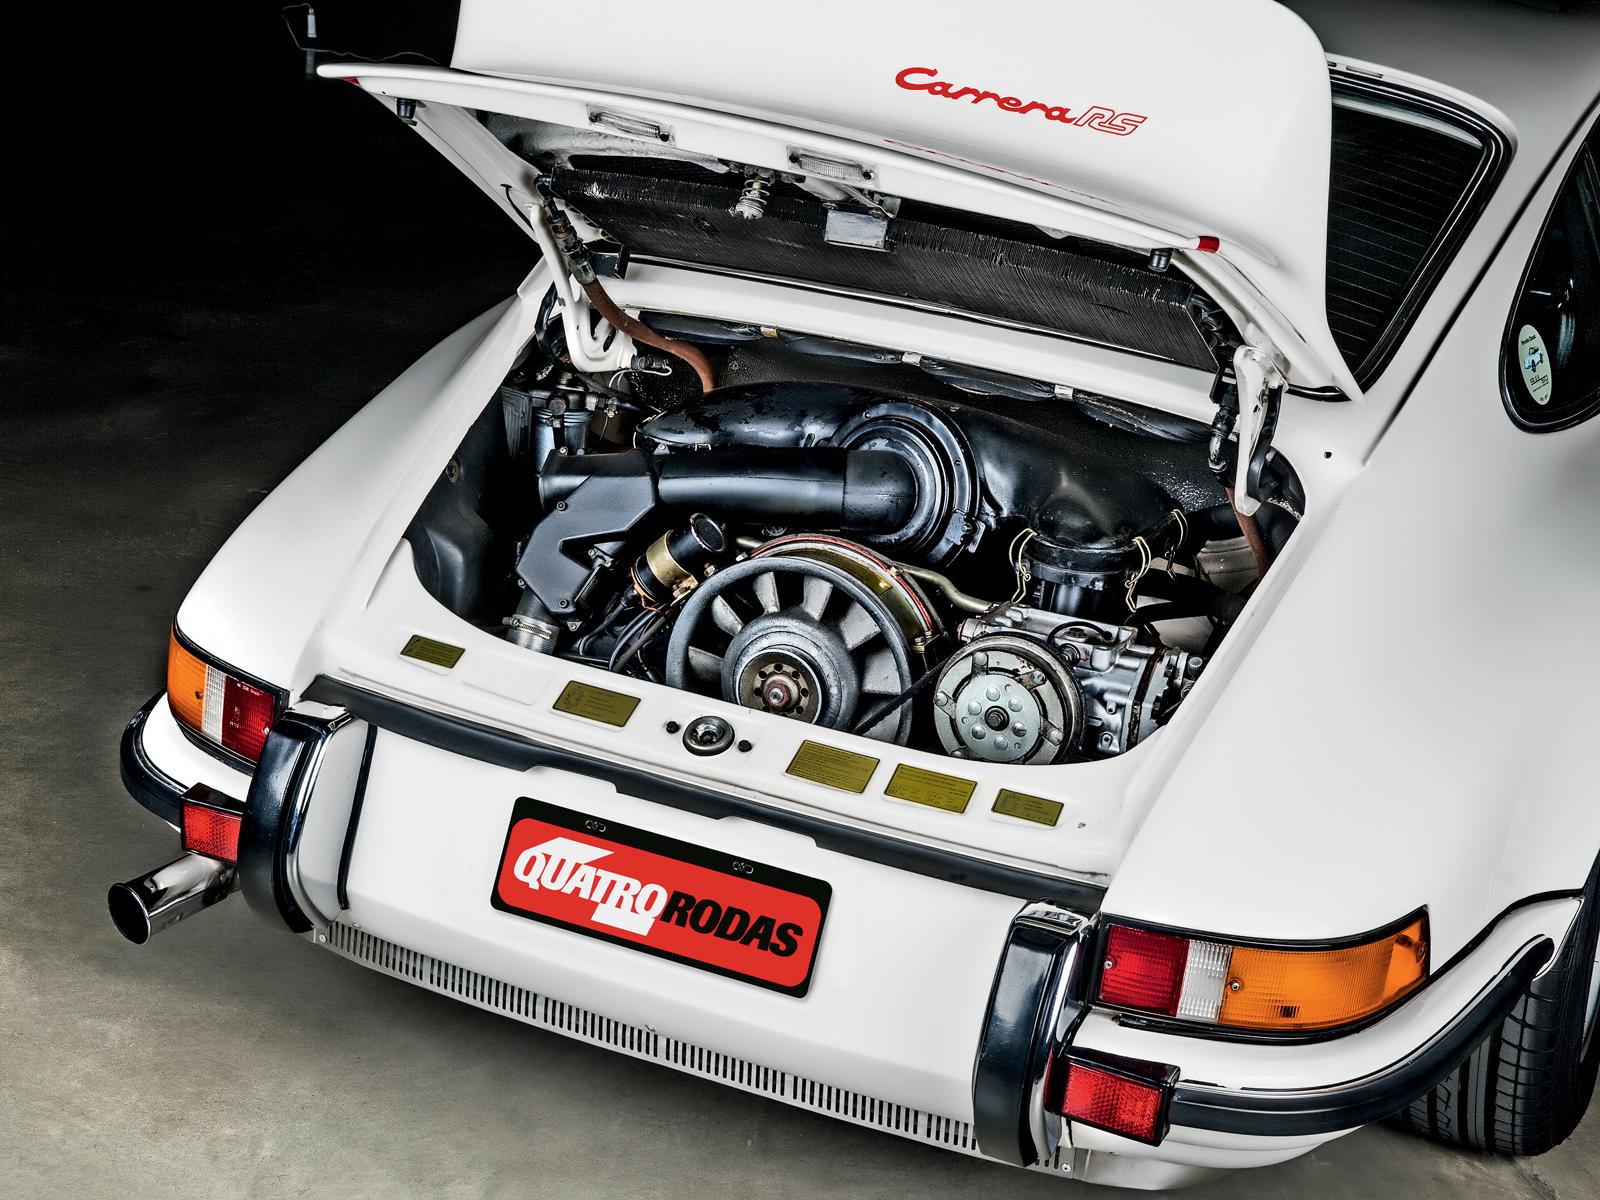 Motor aumentado para 2,7 litros